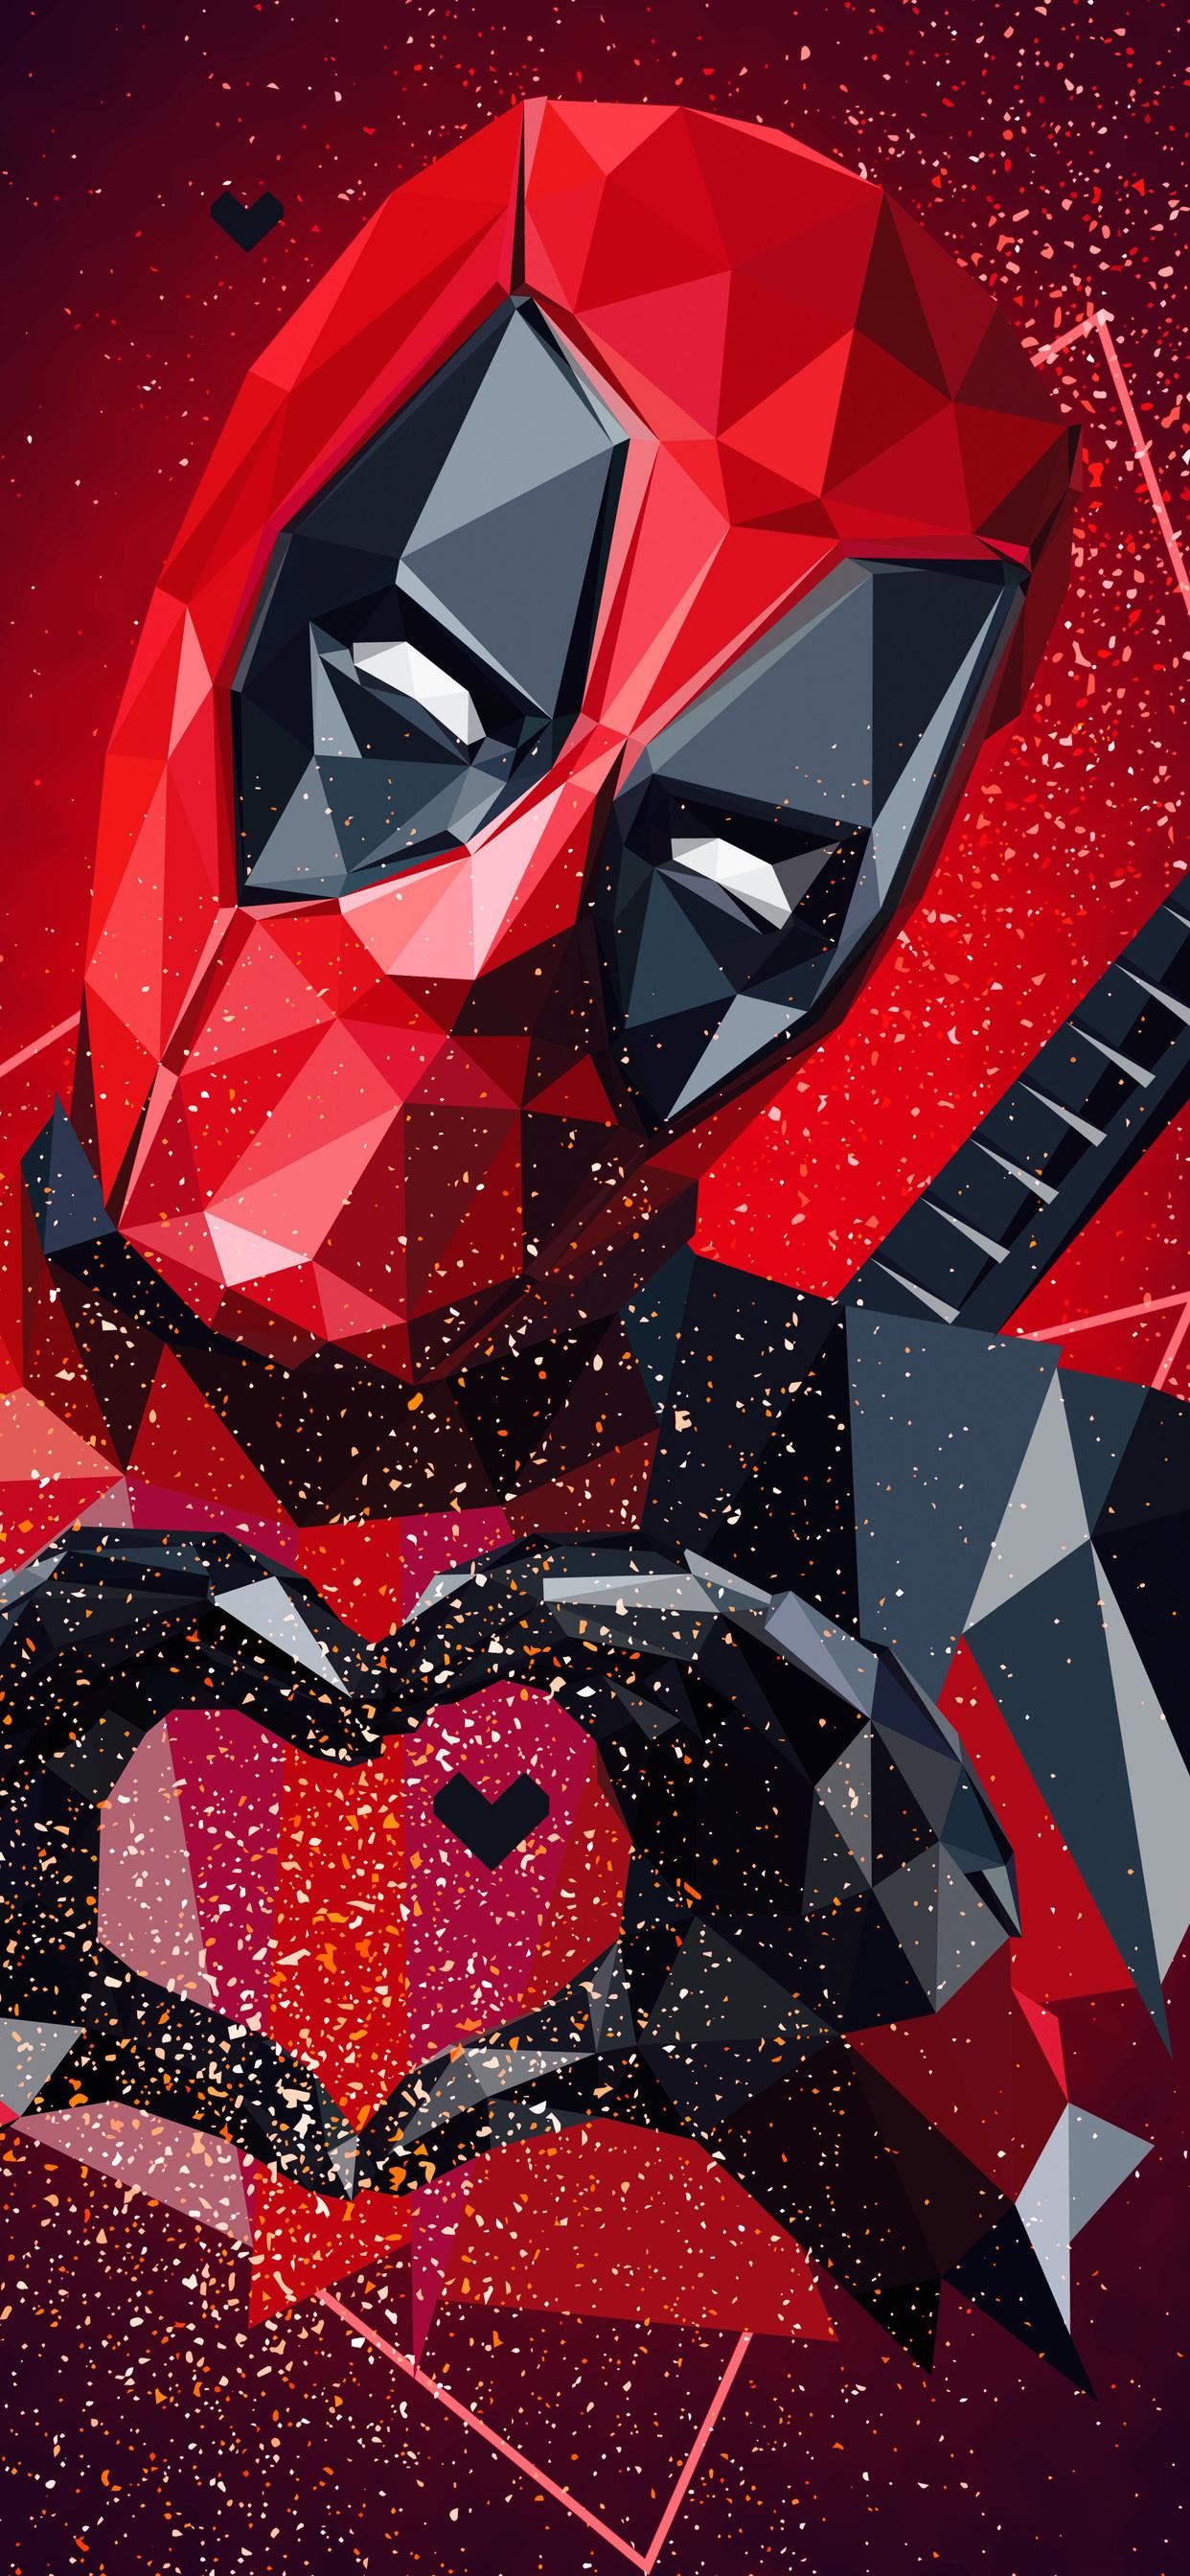 1242x2688 Deadpool Digital Art 4k Iphone Xs Max Hd 4k Wallpapers